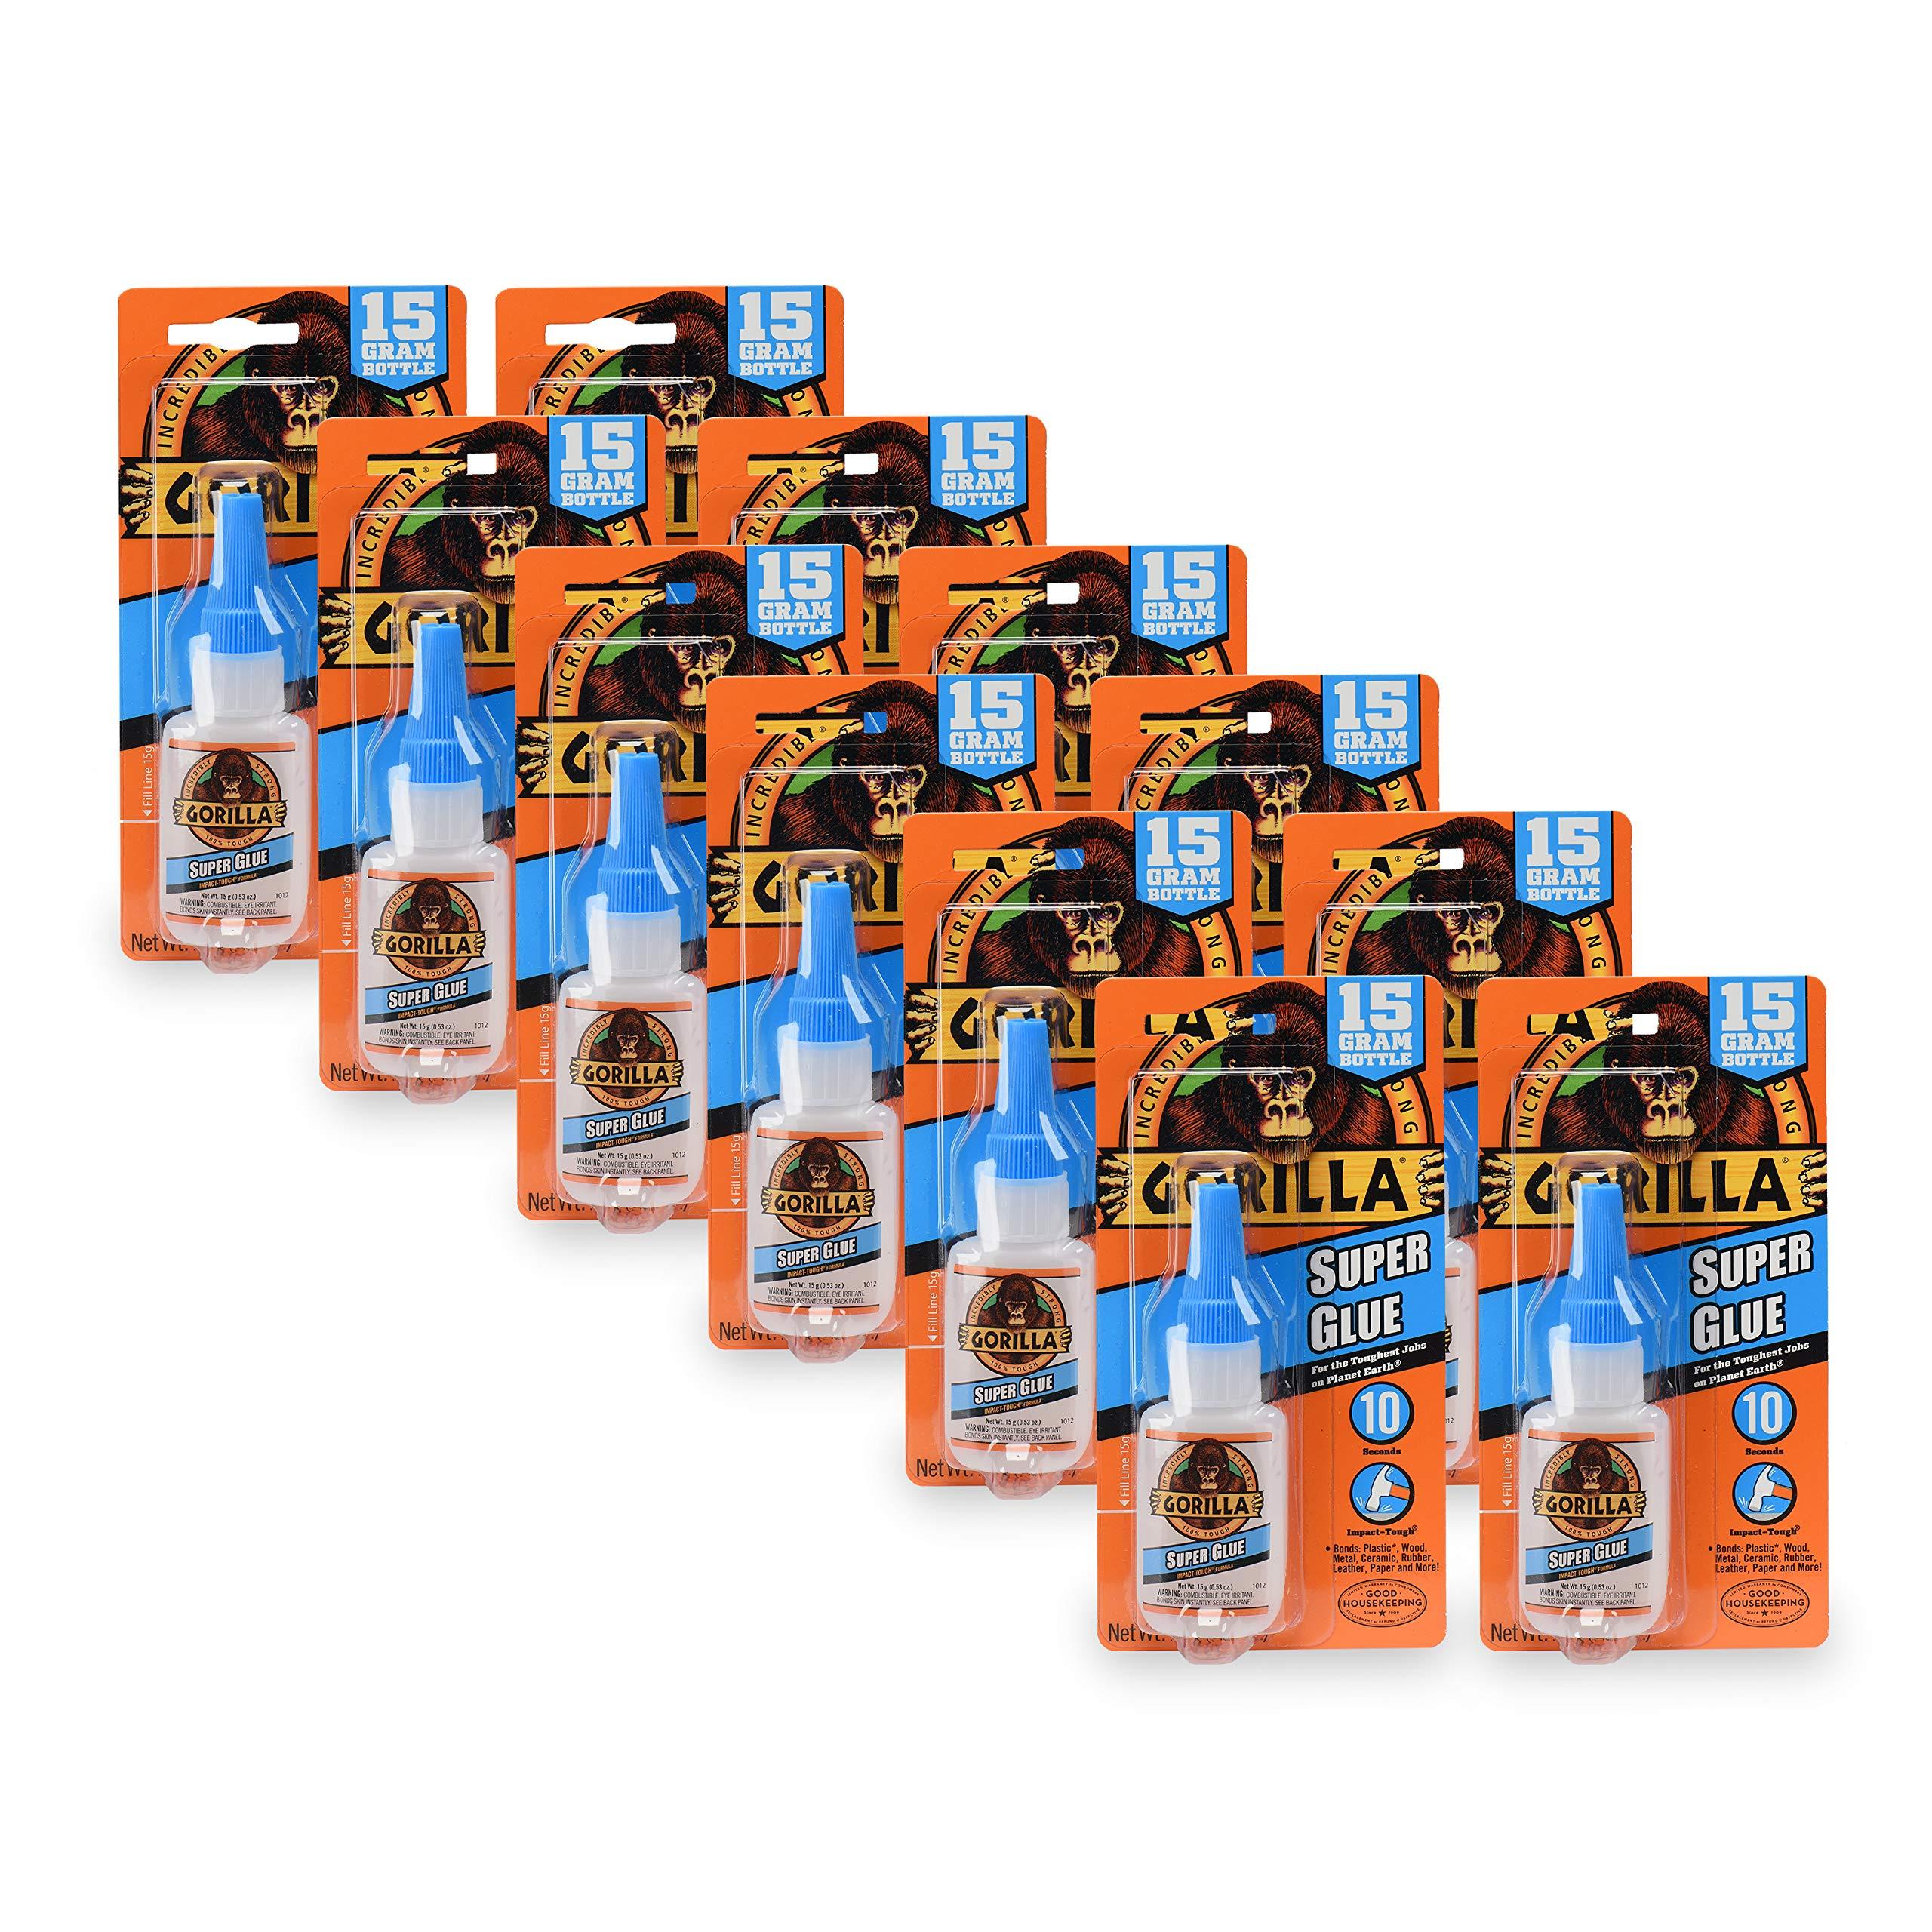 Gorilla 7805001-12 Super Glue (12 Pack), 15 g